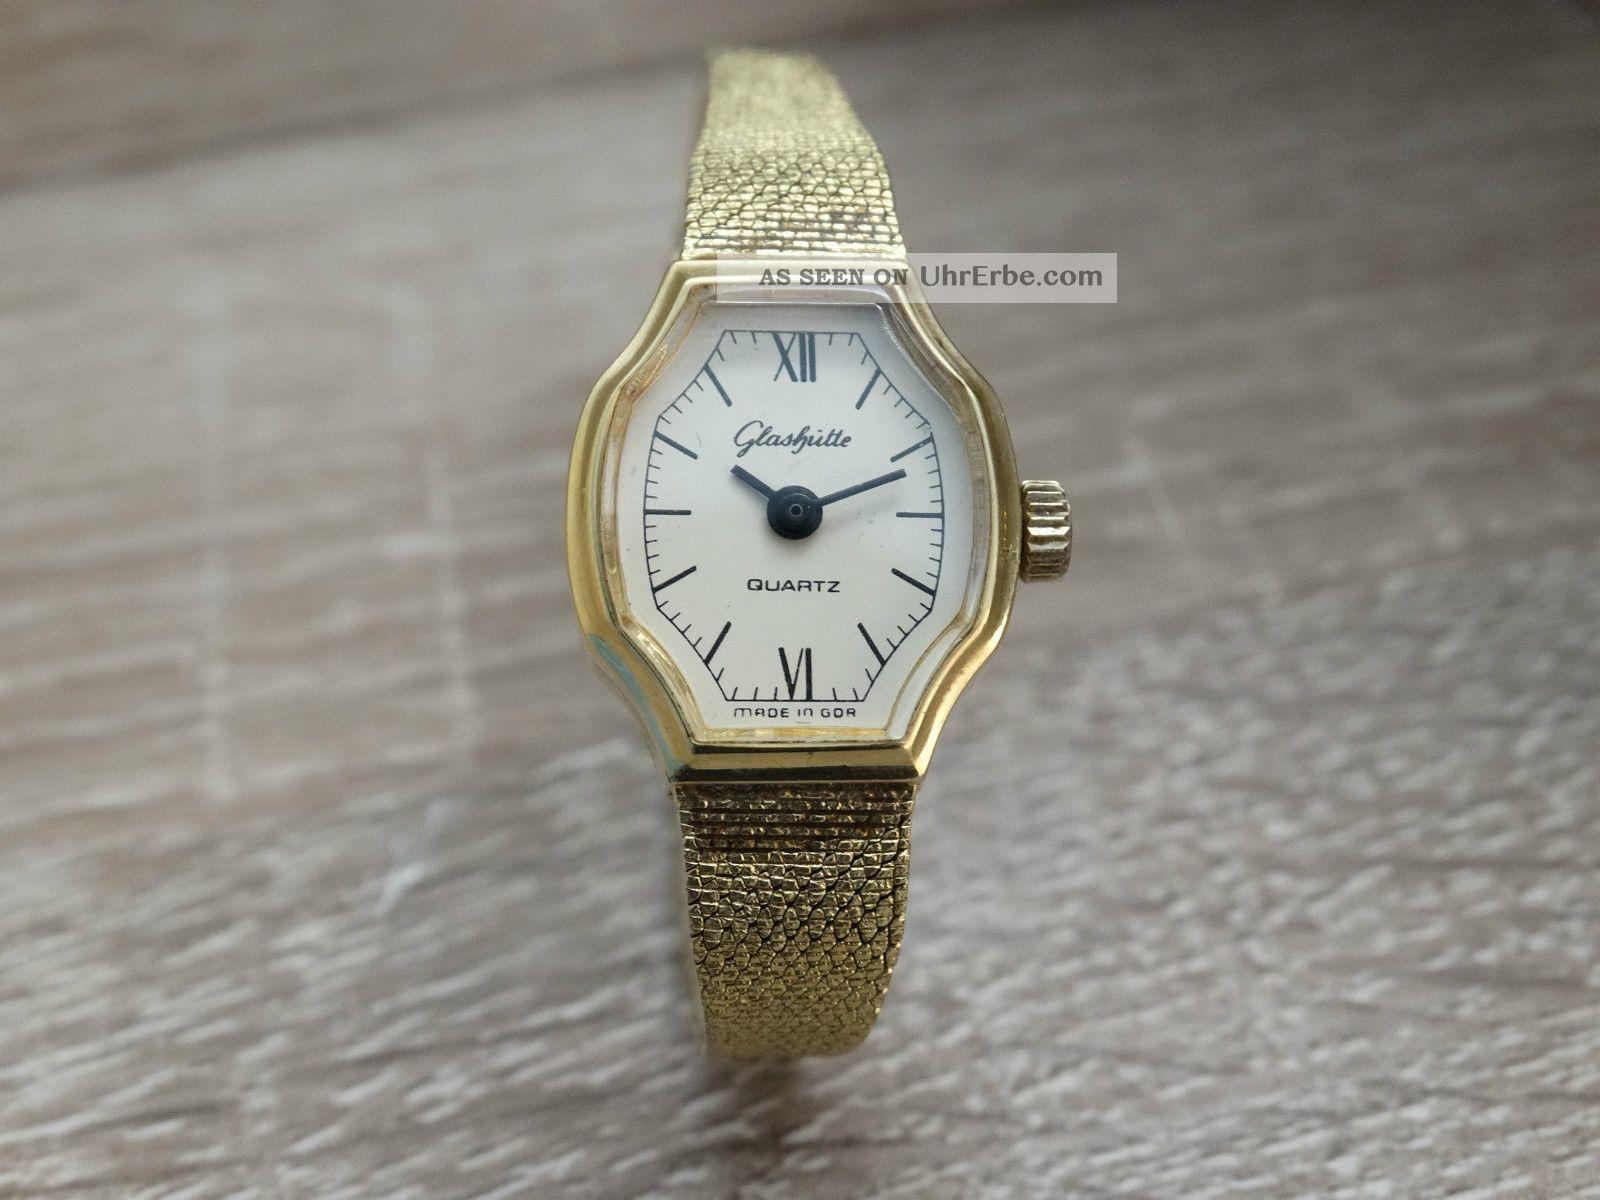 Glashütte Armbanduhr Made In Gdr Armbanduhren Bild